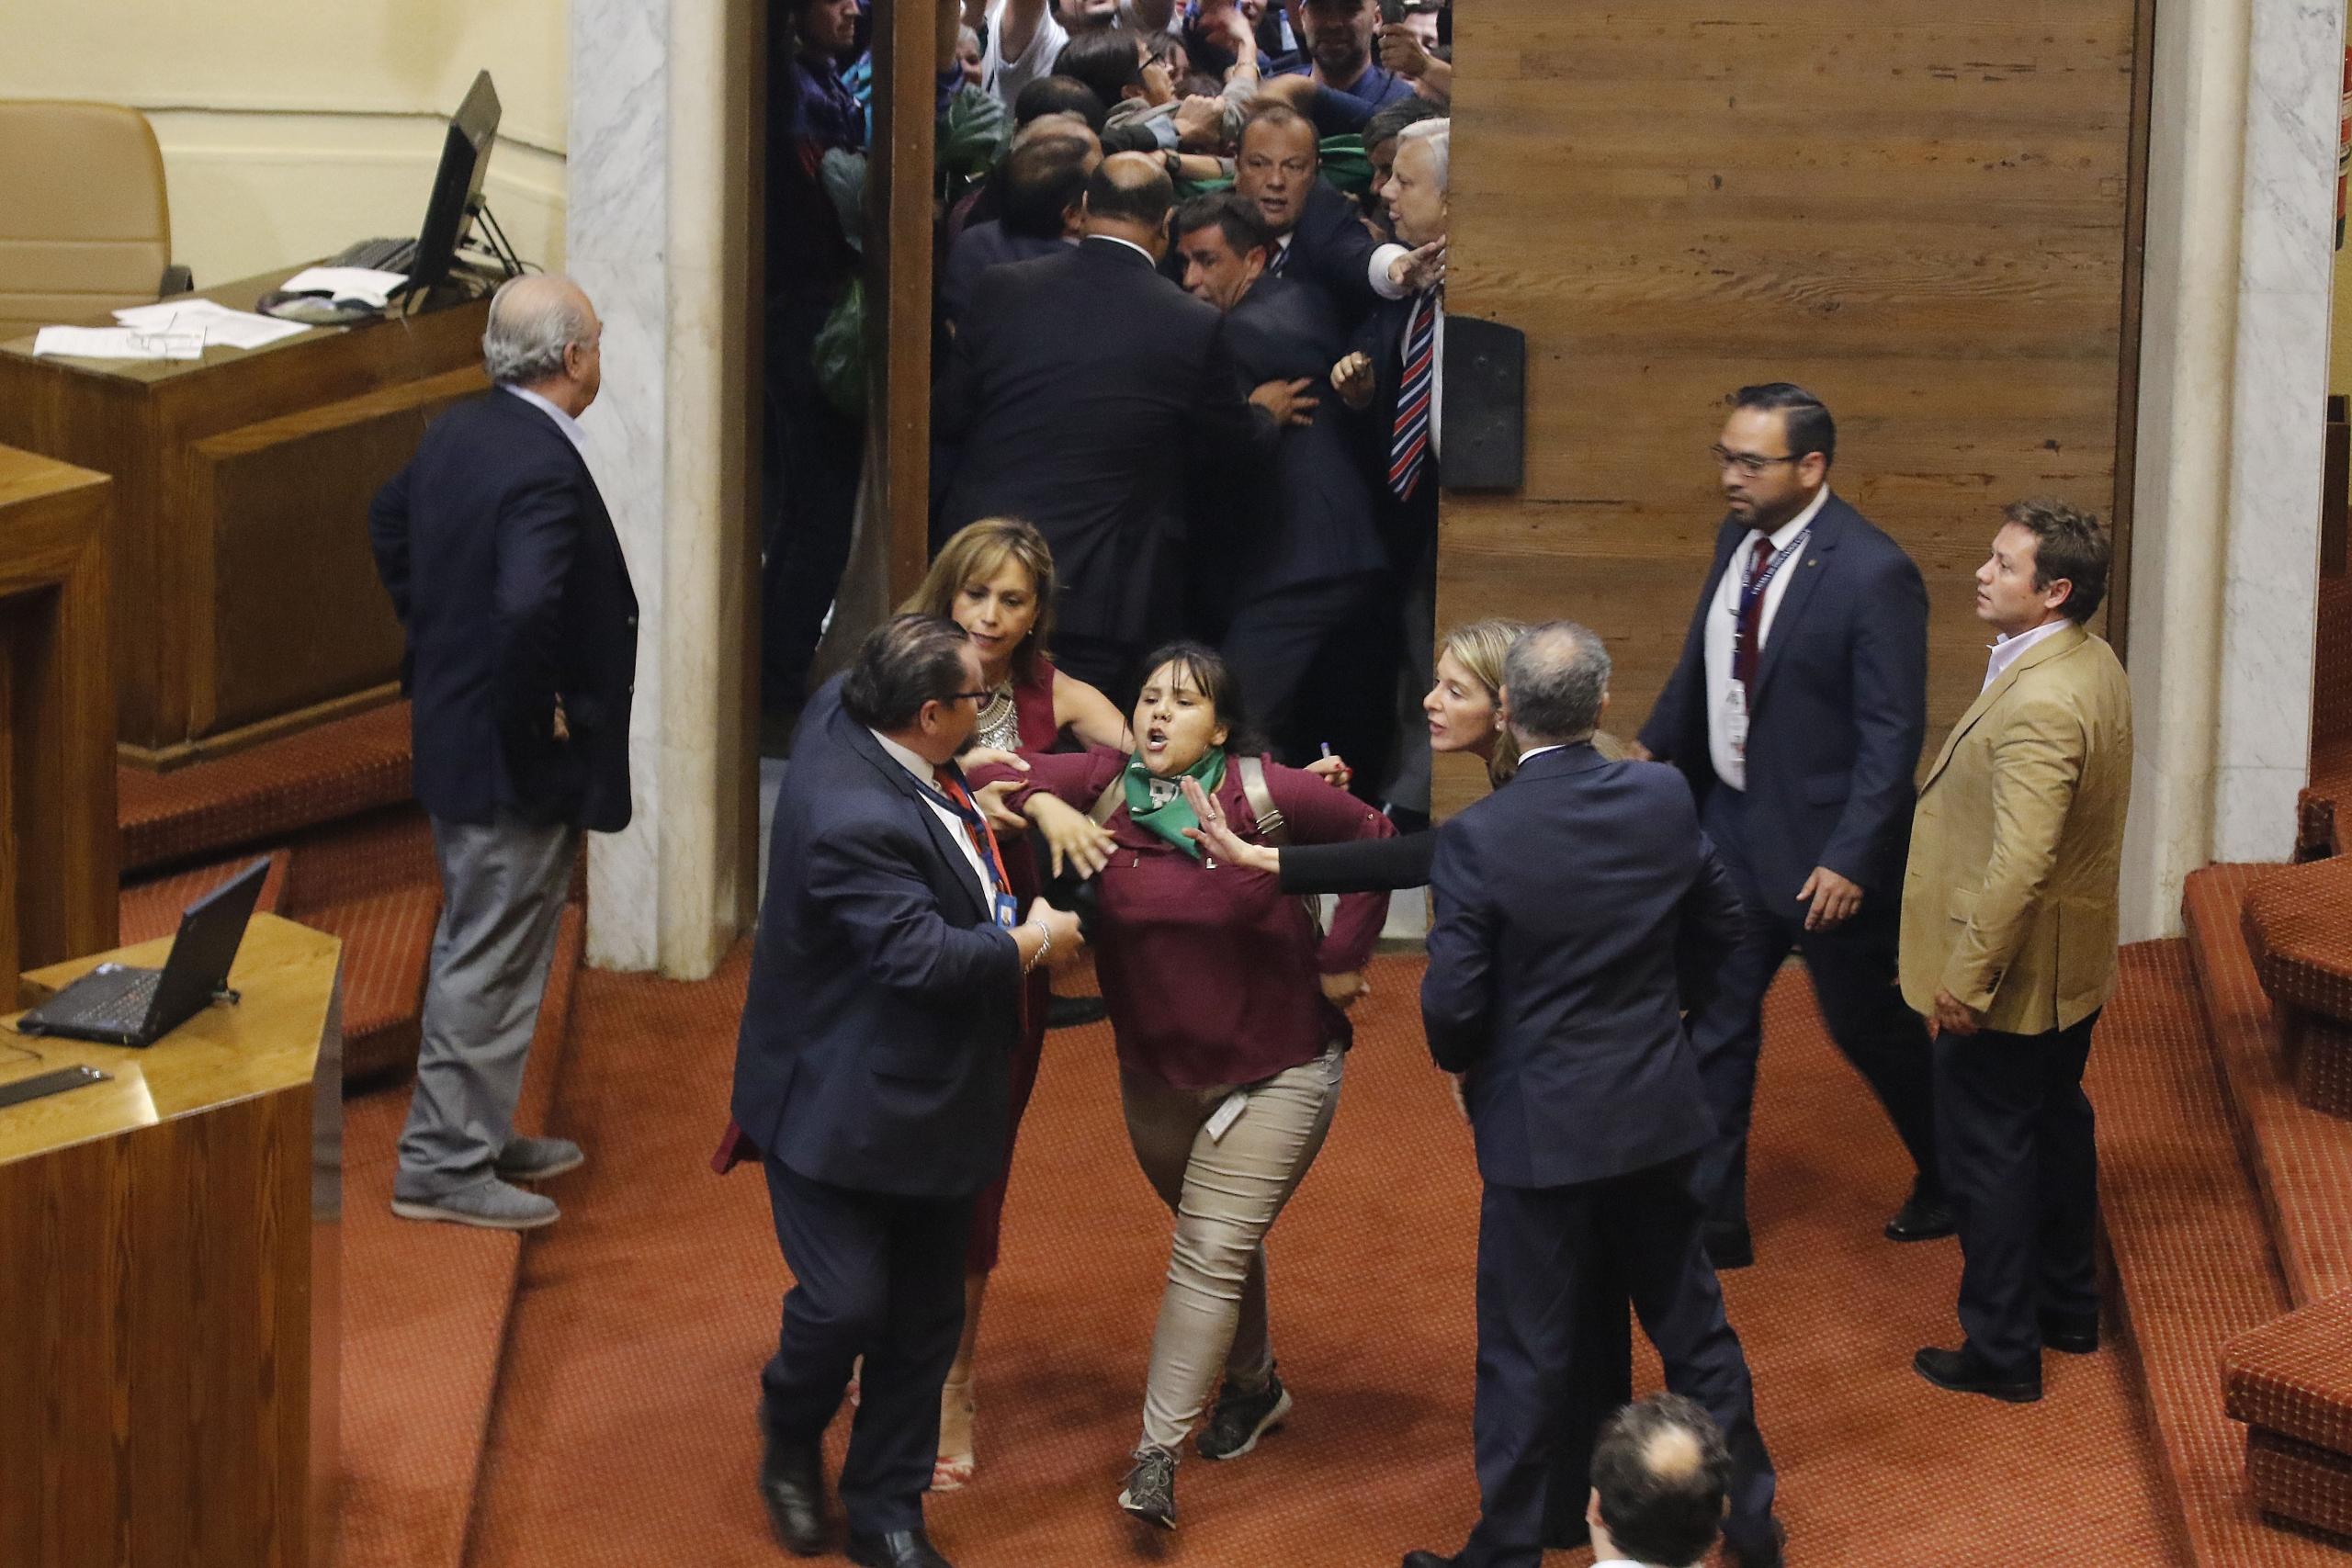 Chile: Cámara de Diputados rechaza paridad de género y participación indígena en nueva Constitución